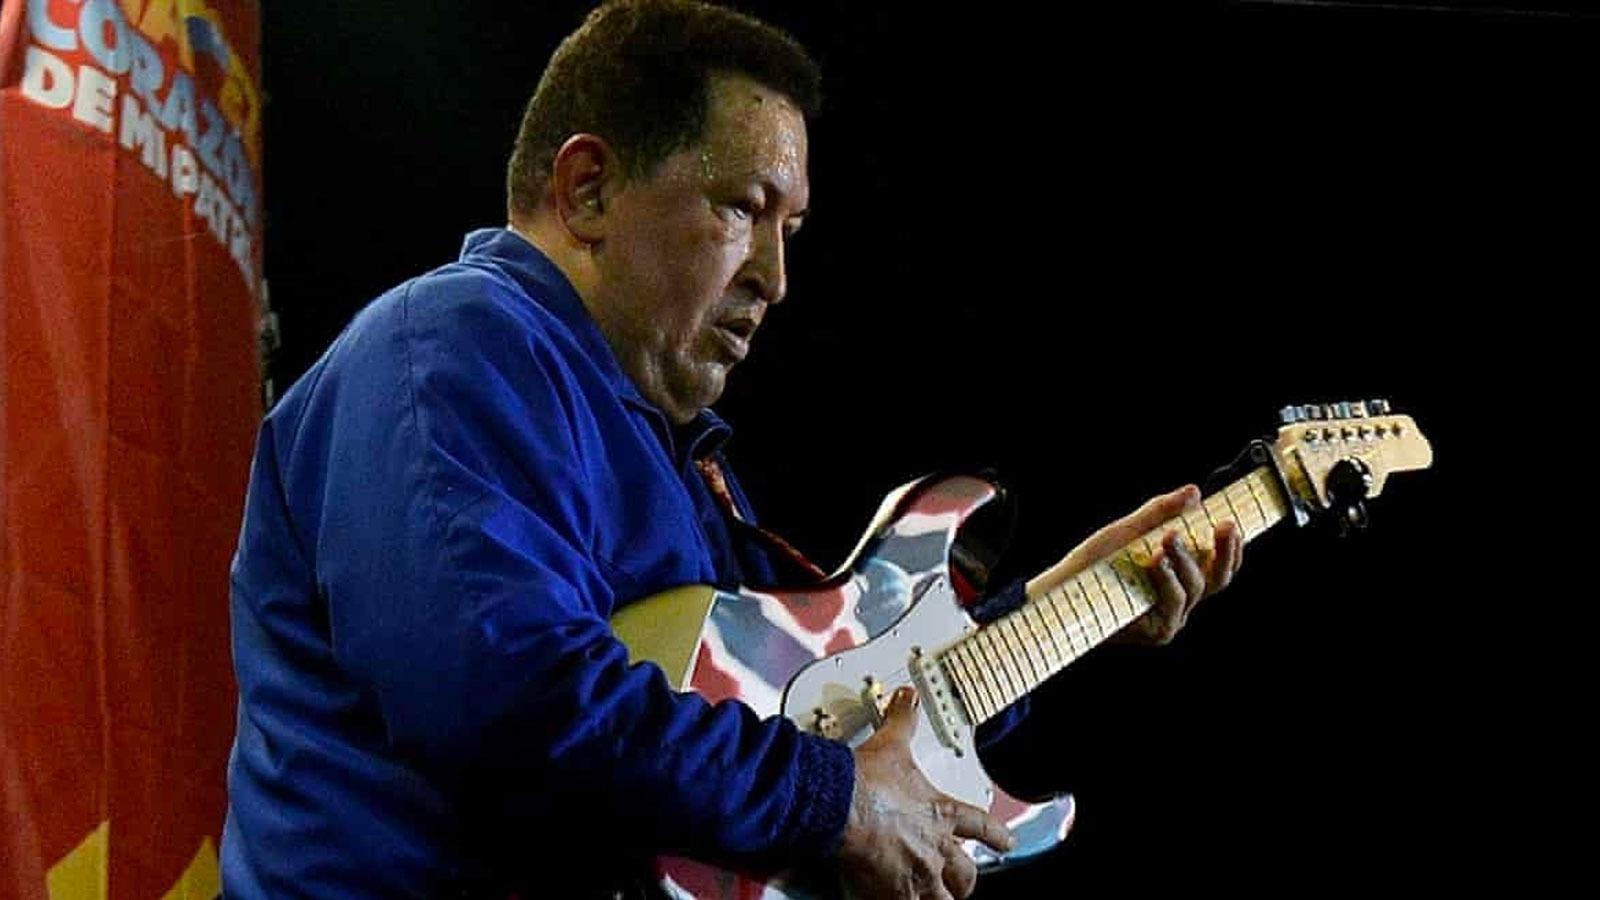 'ABD, 2011 yılında Chávez'in imajına zarar verecek şarkılar yazmaları için Venezuelalı rock gruplarına para verdi'